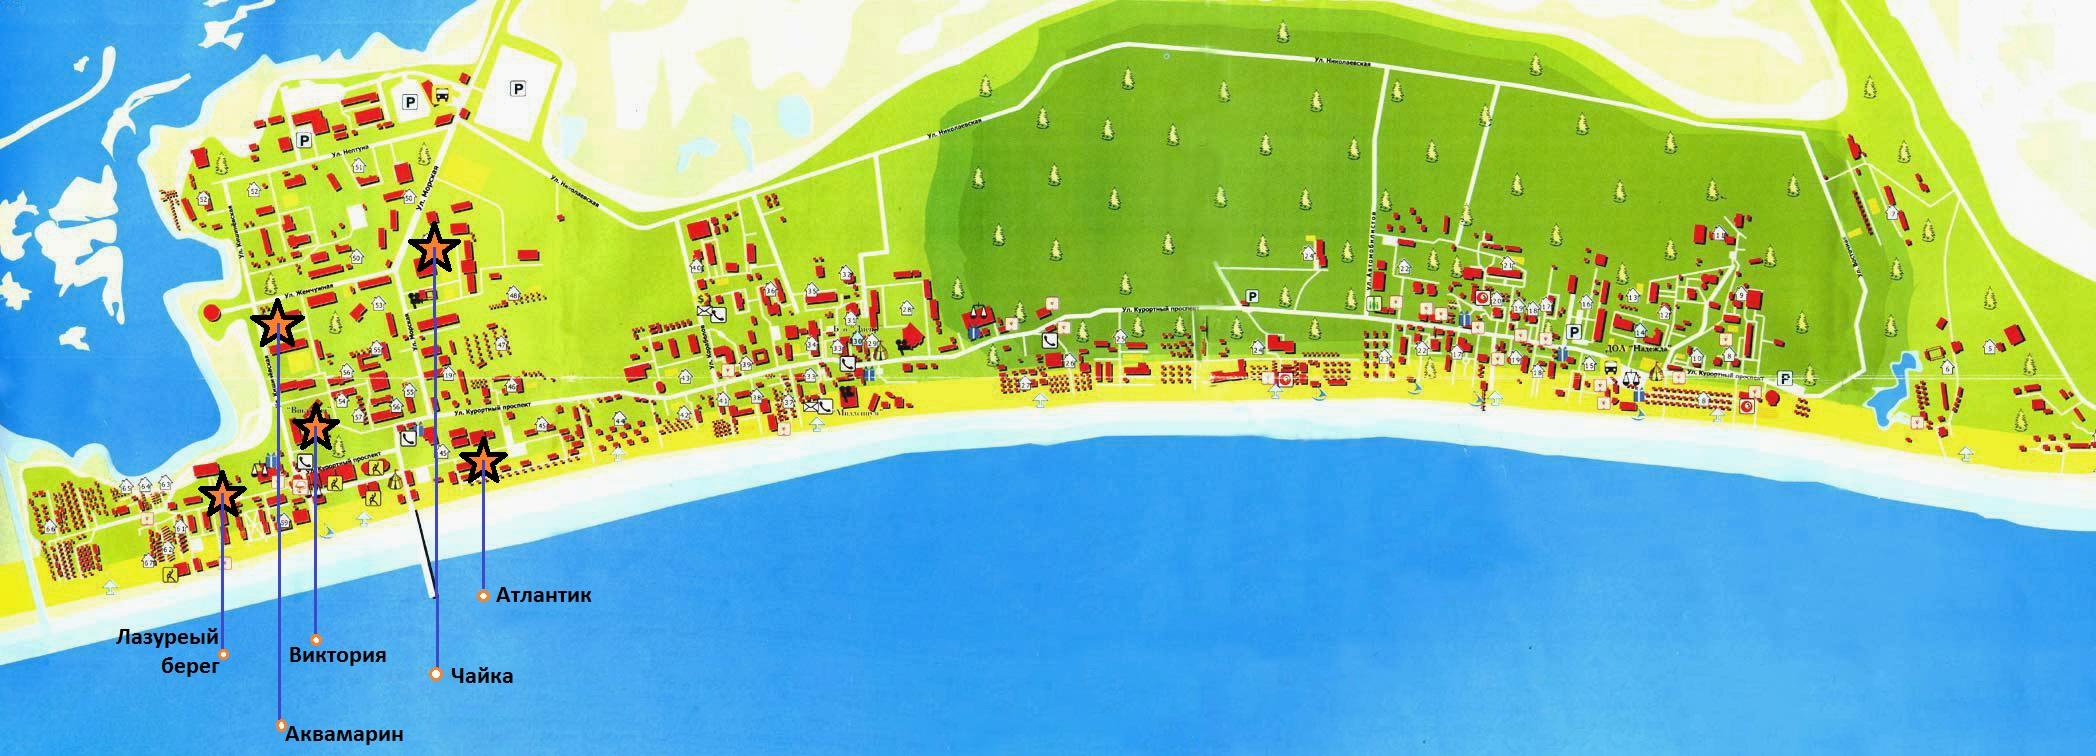 карта коблево с базами отдыха